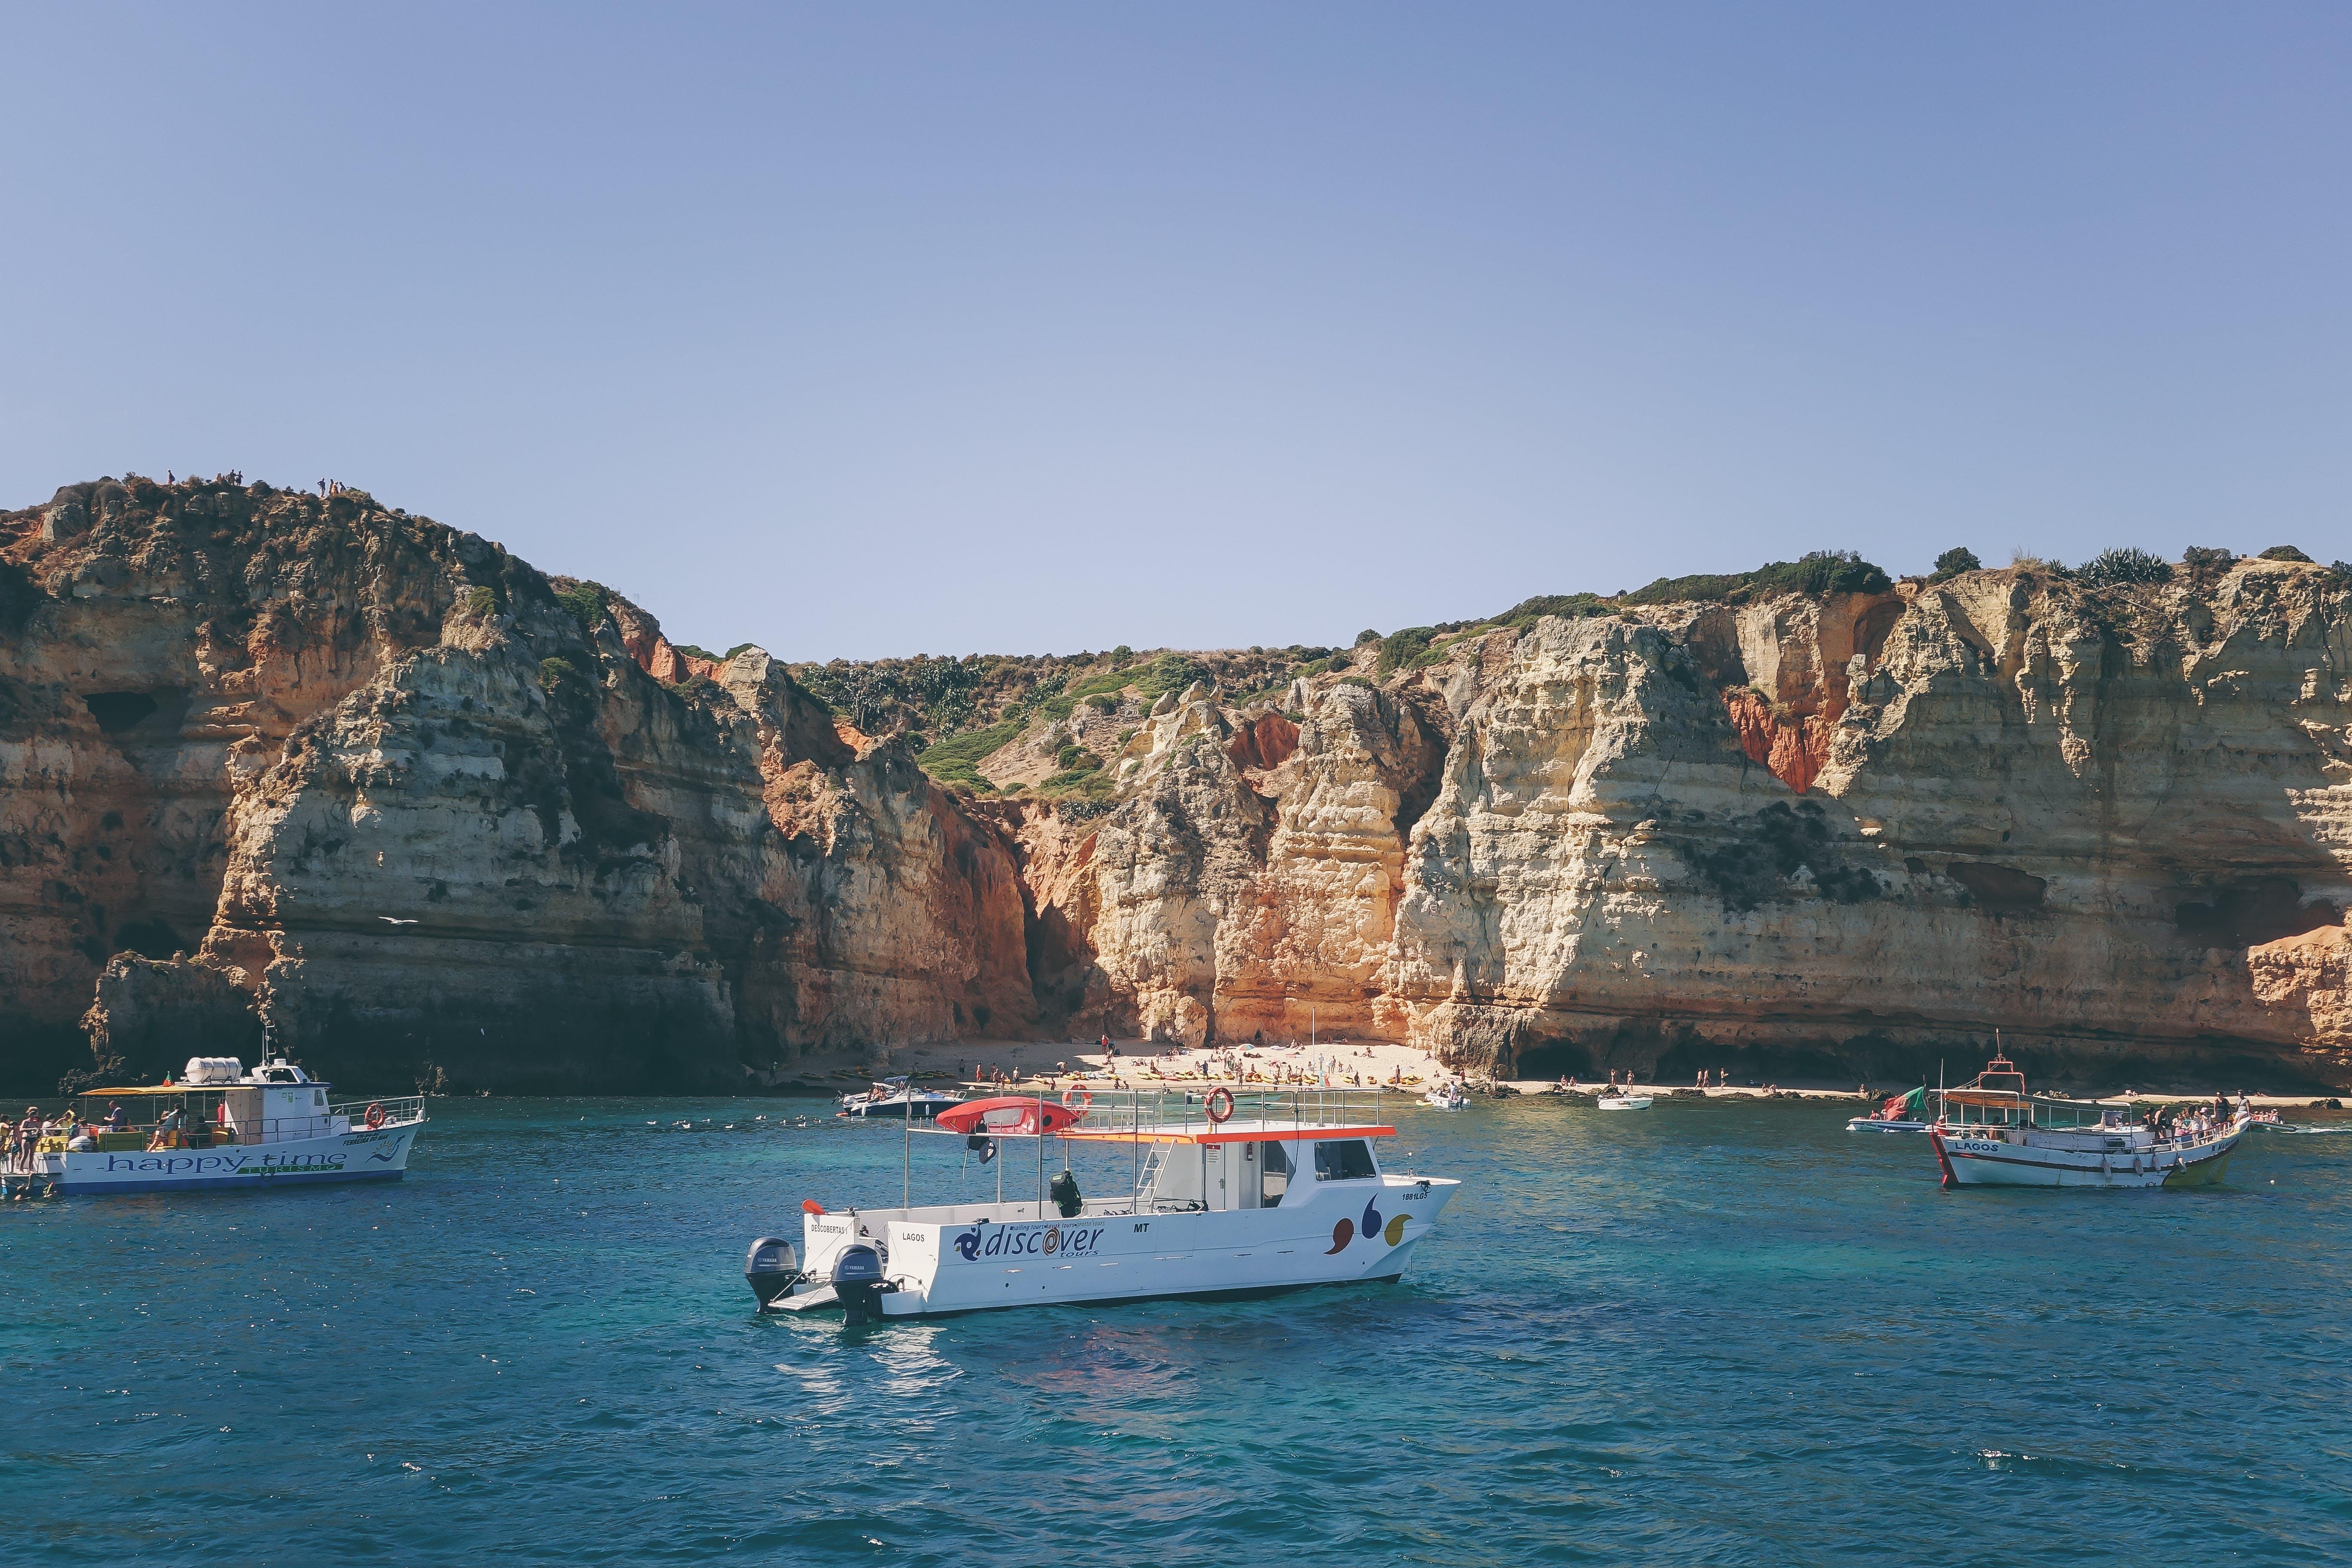 Kostnadsfri bild av båtar, hav, transportsystem, vattenscotrar